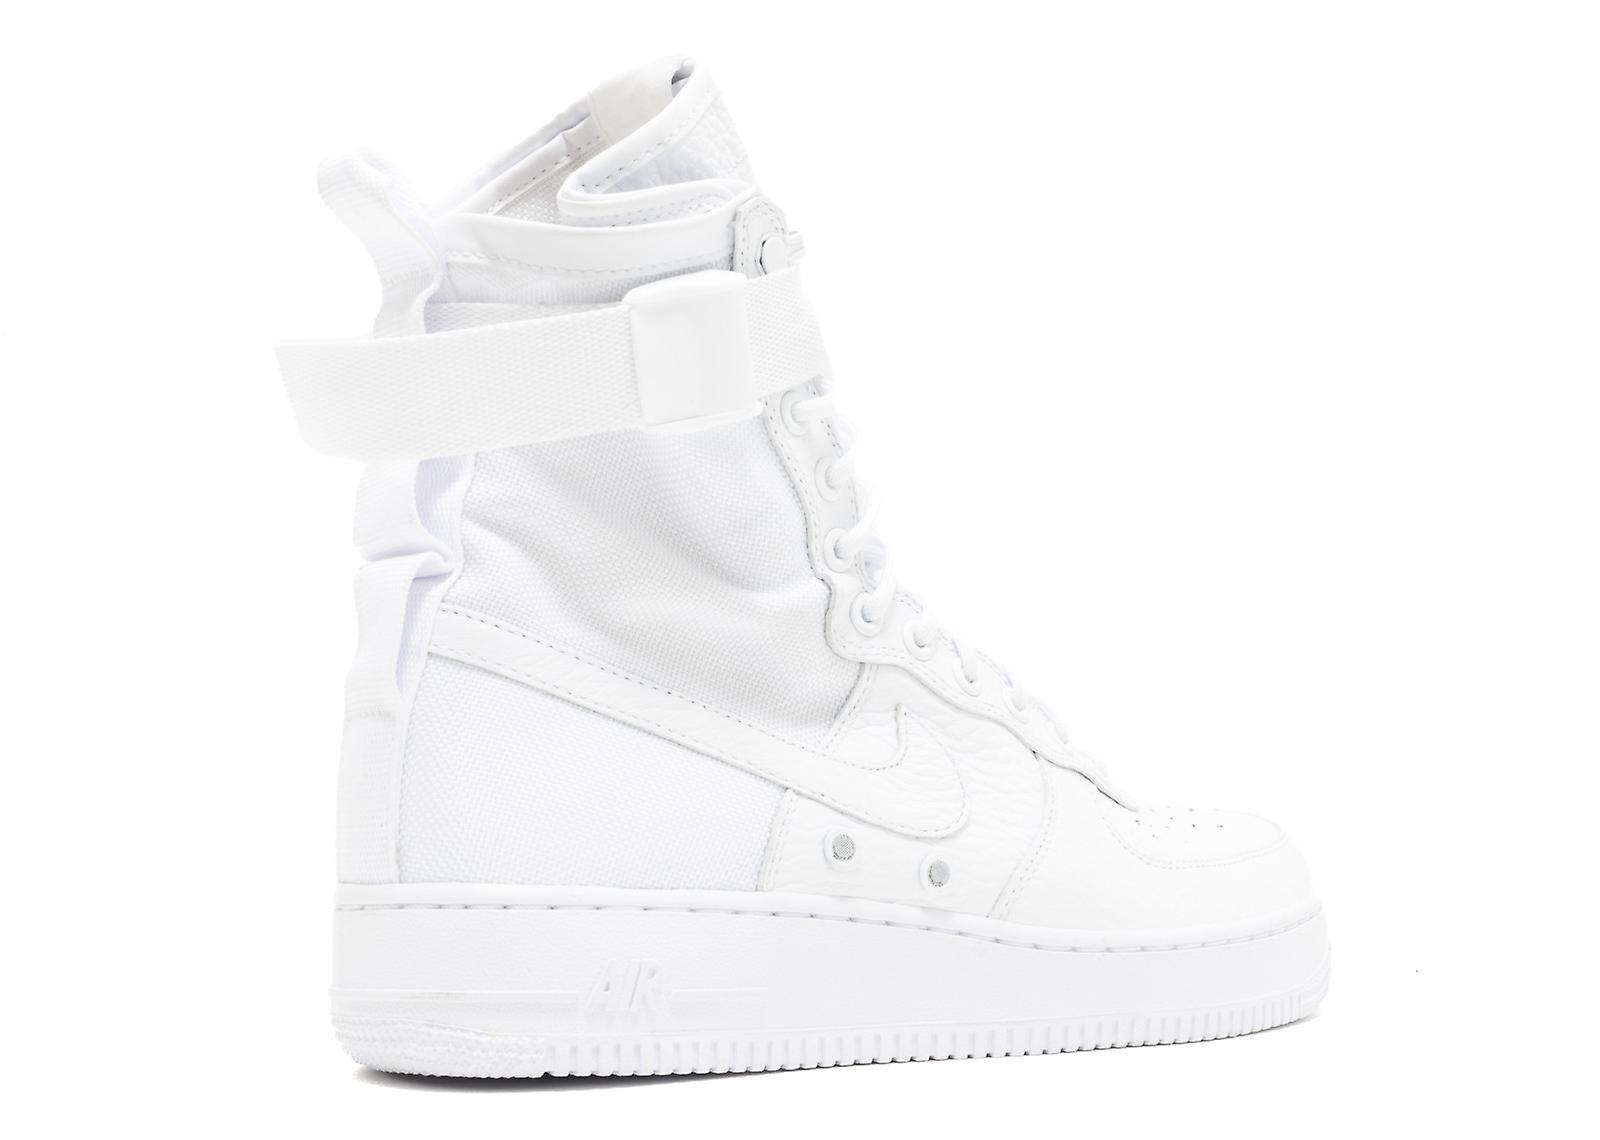 Sf Air Force 1 Triple White Complexcon - 903270-100 Sko